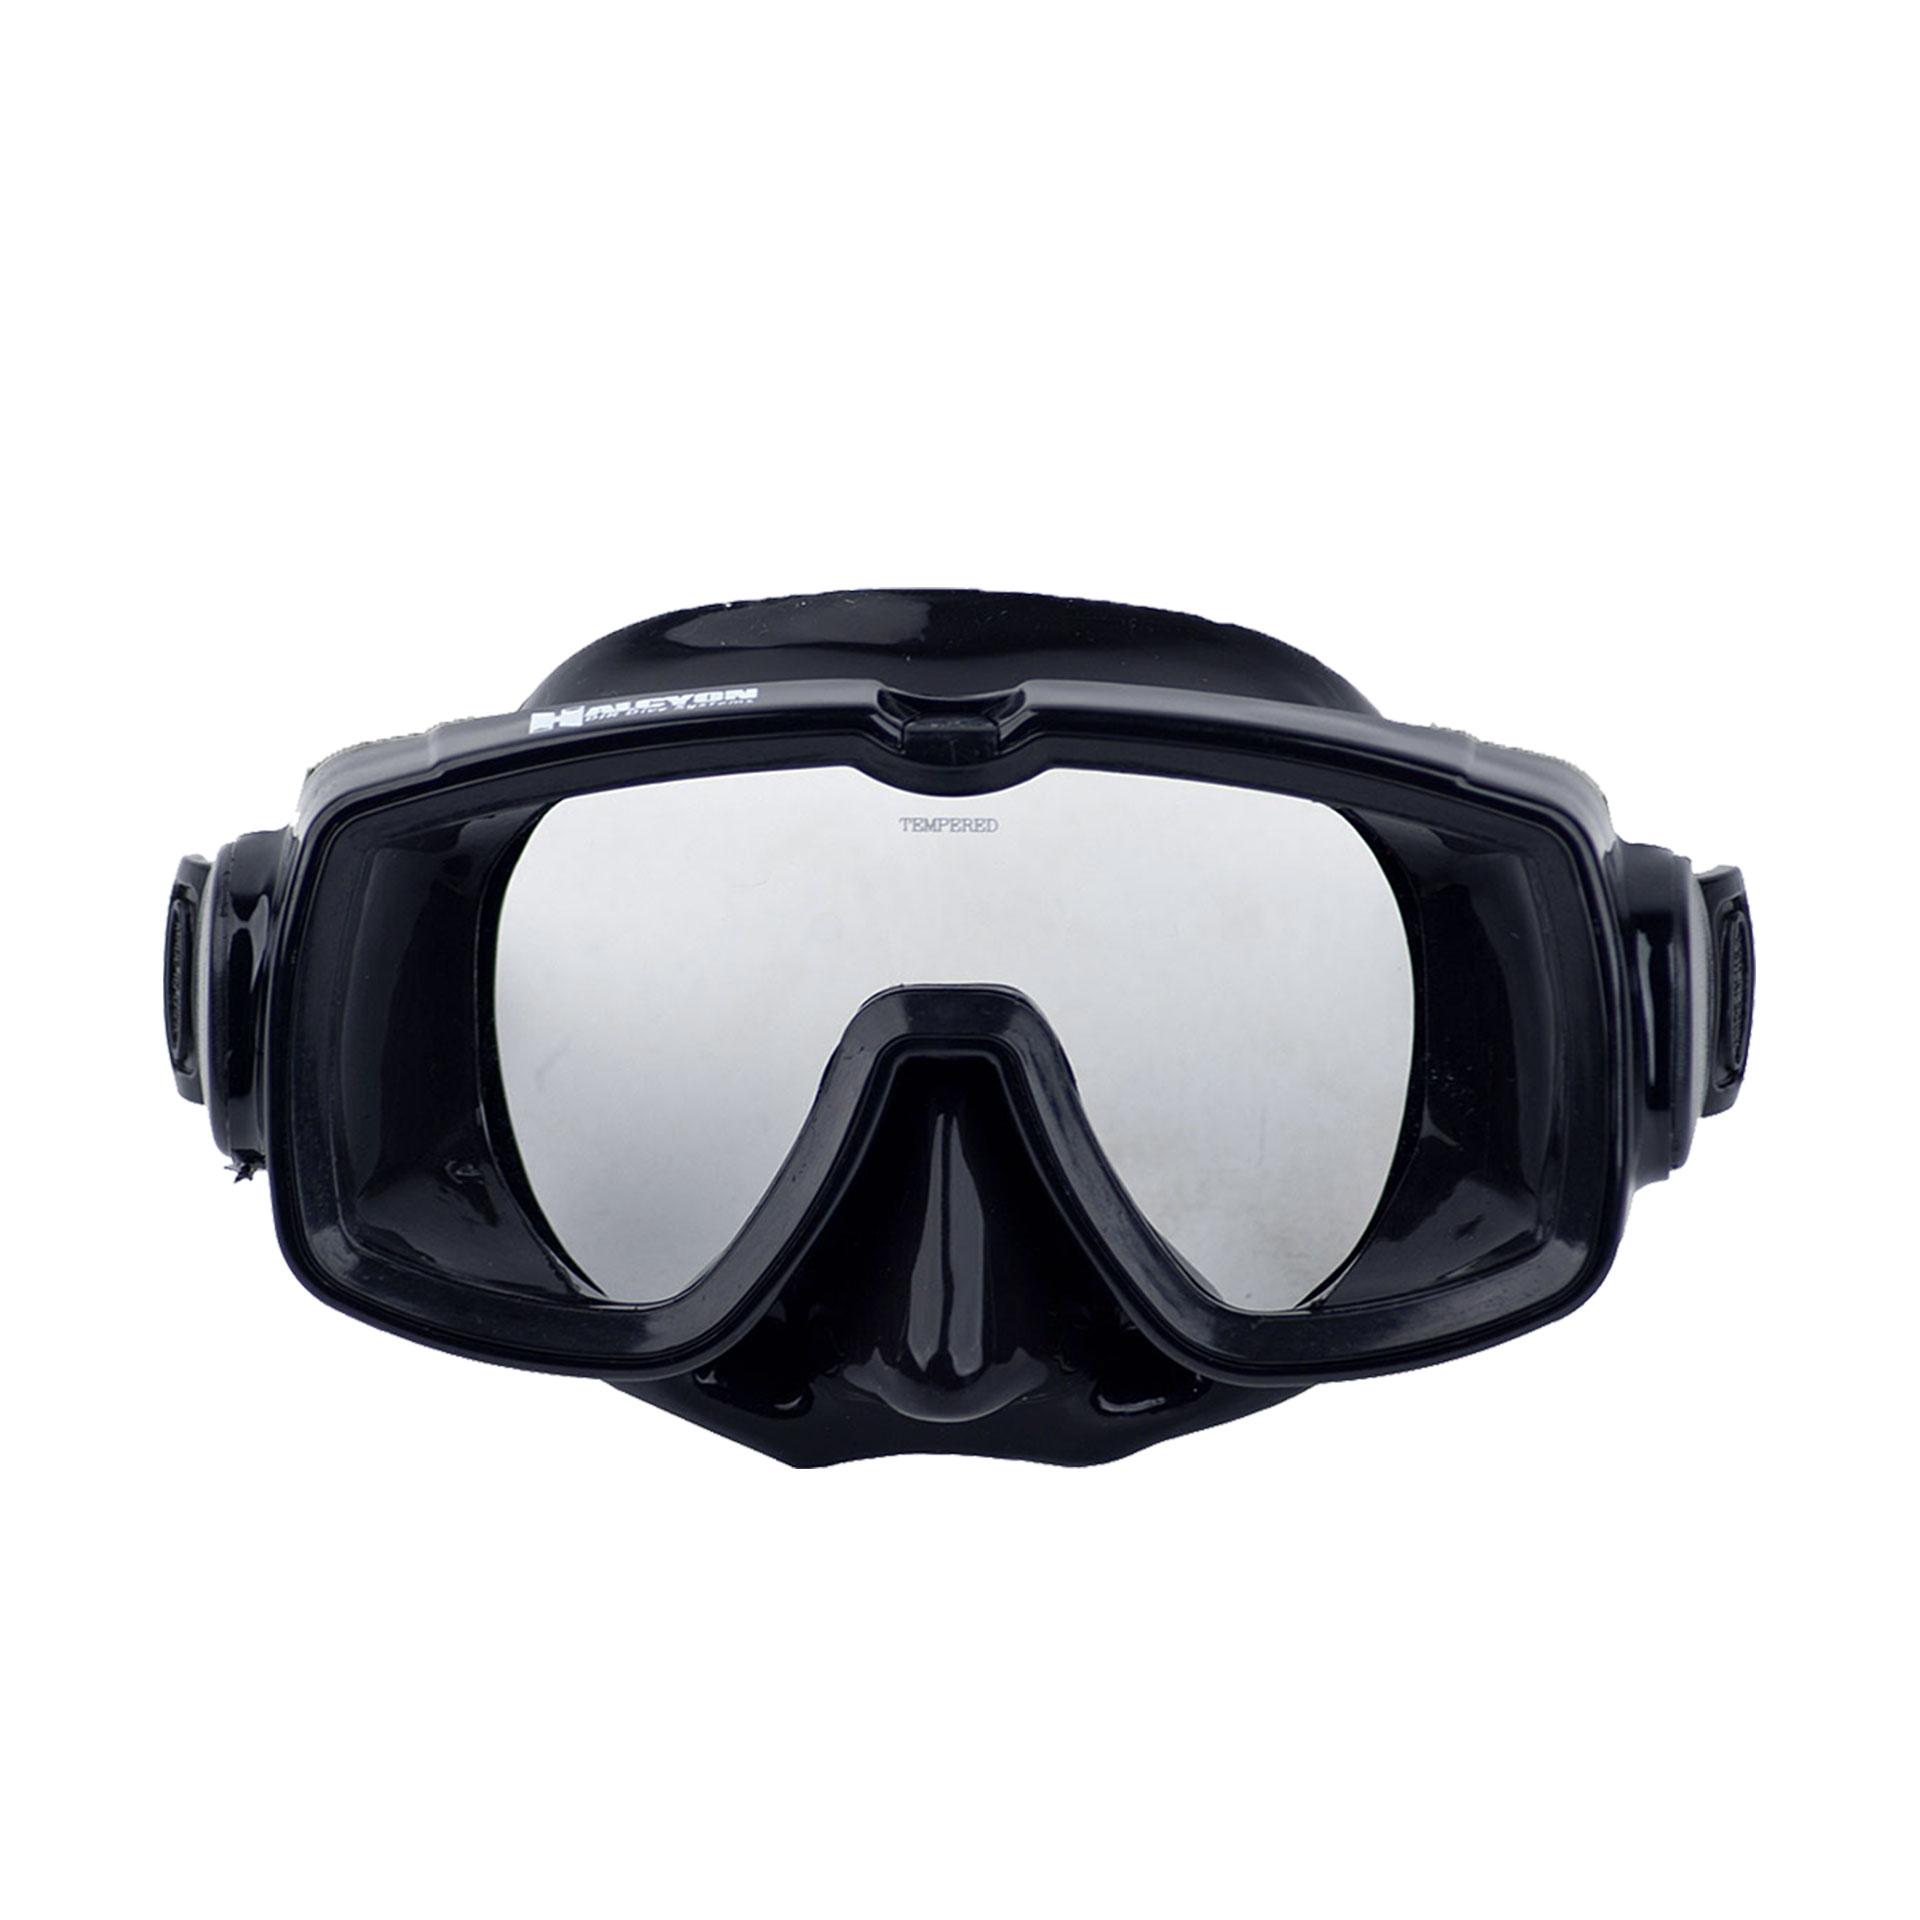 Halcyon Einglasmaske mit schwarzem Maskenkörper